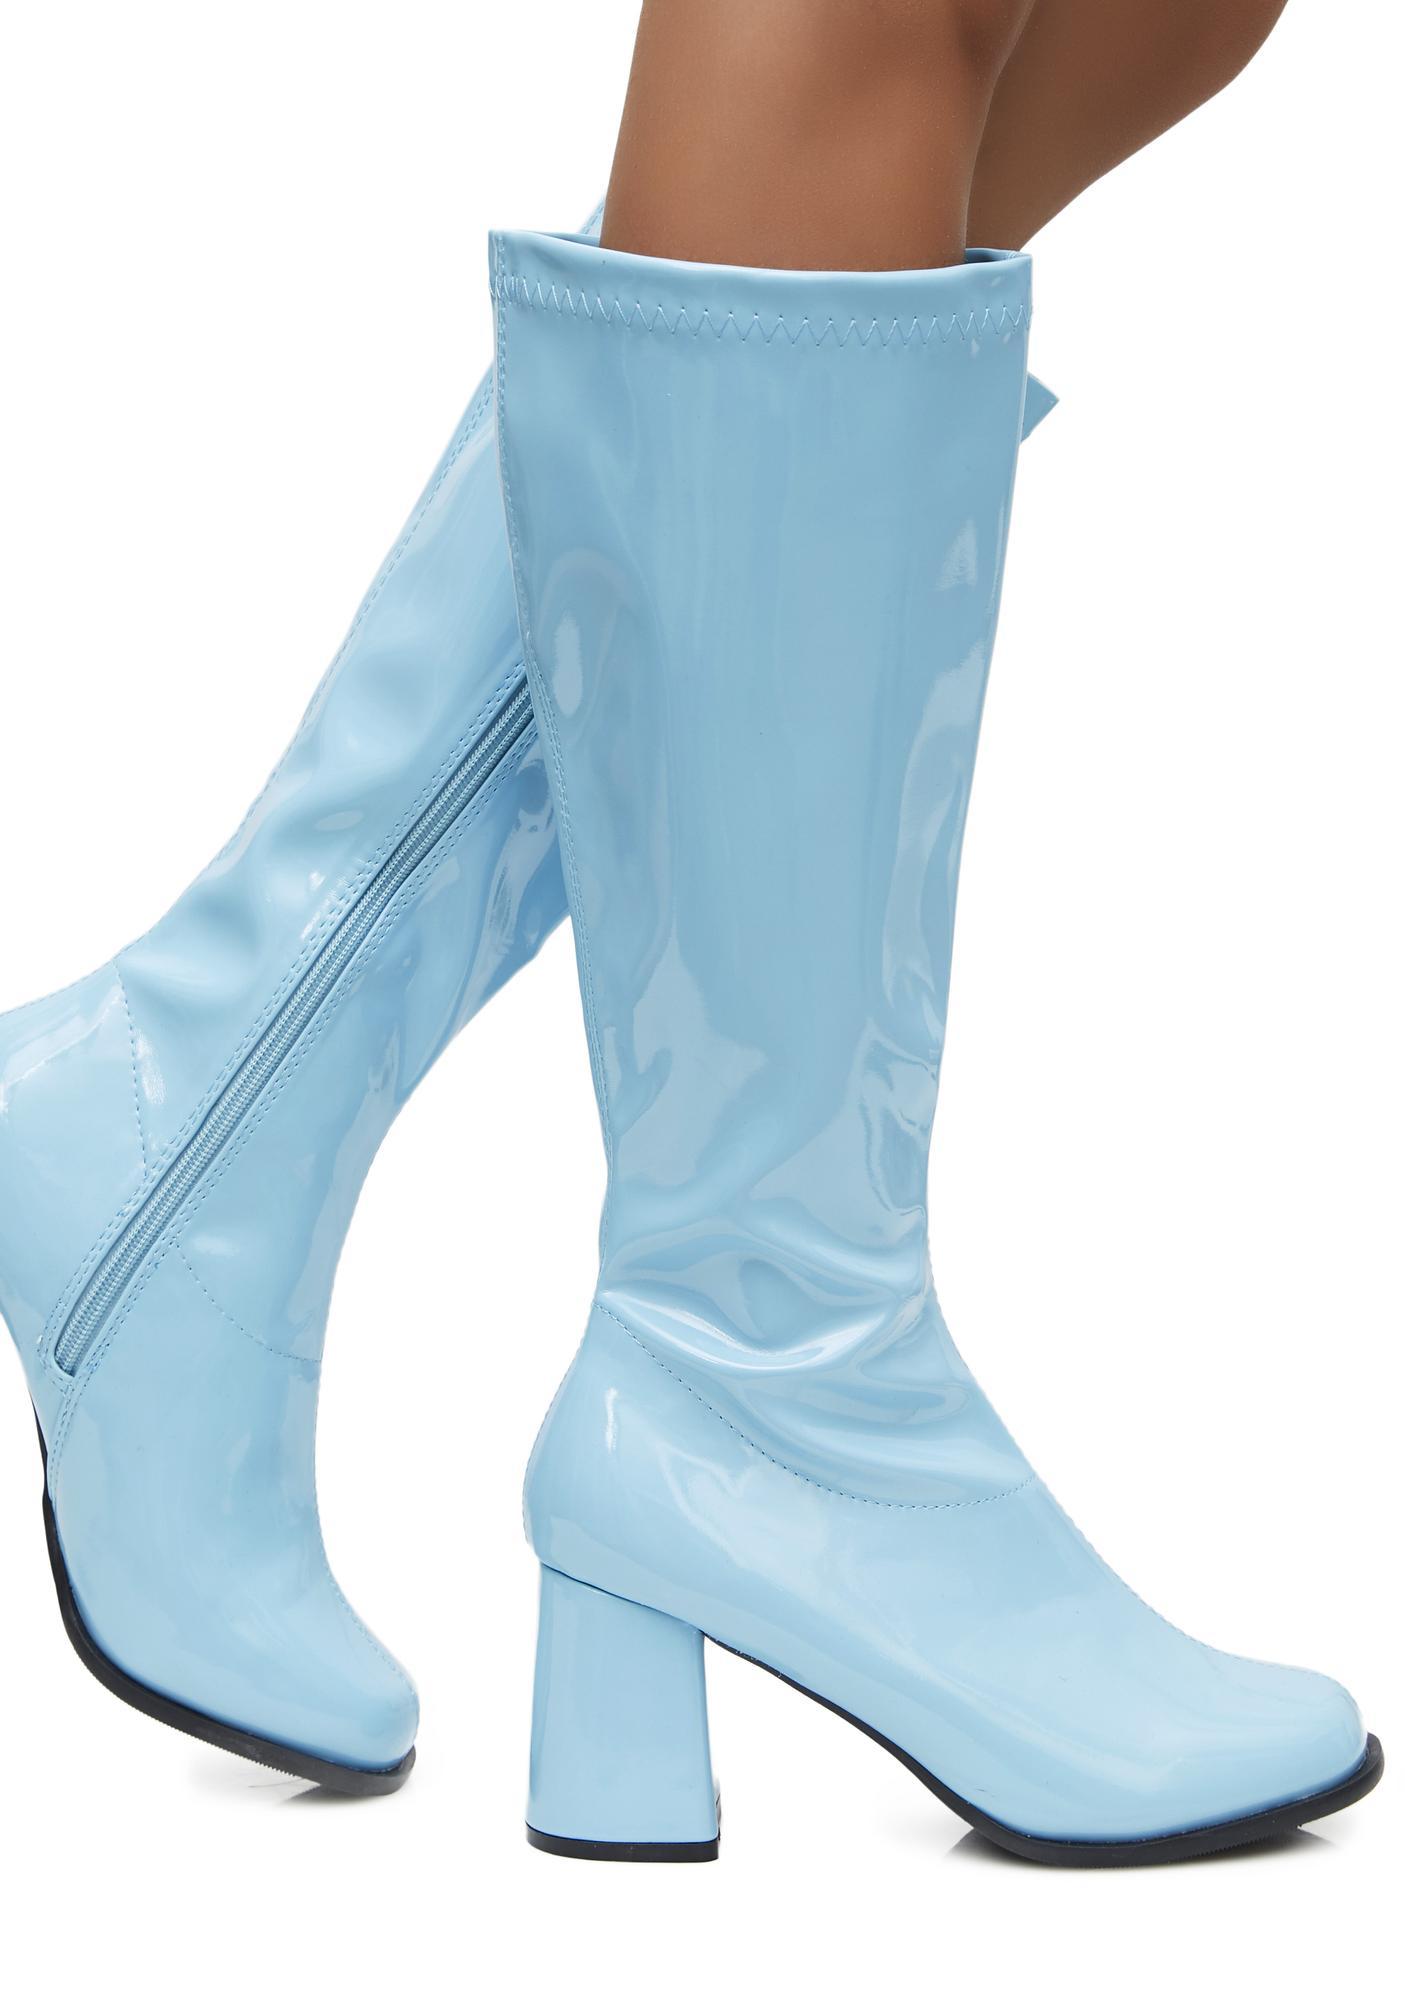 dbb1a5183d7 Chunky Heel Blue Calf Boots